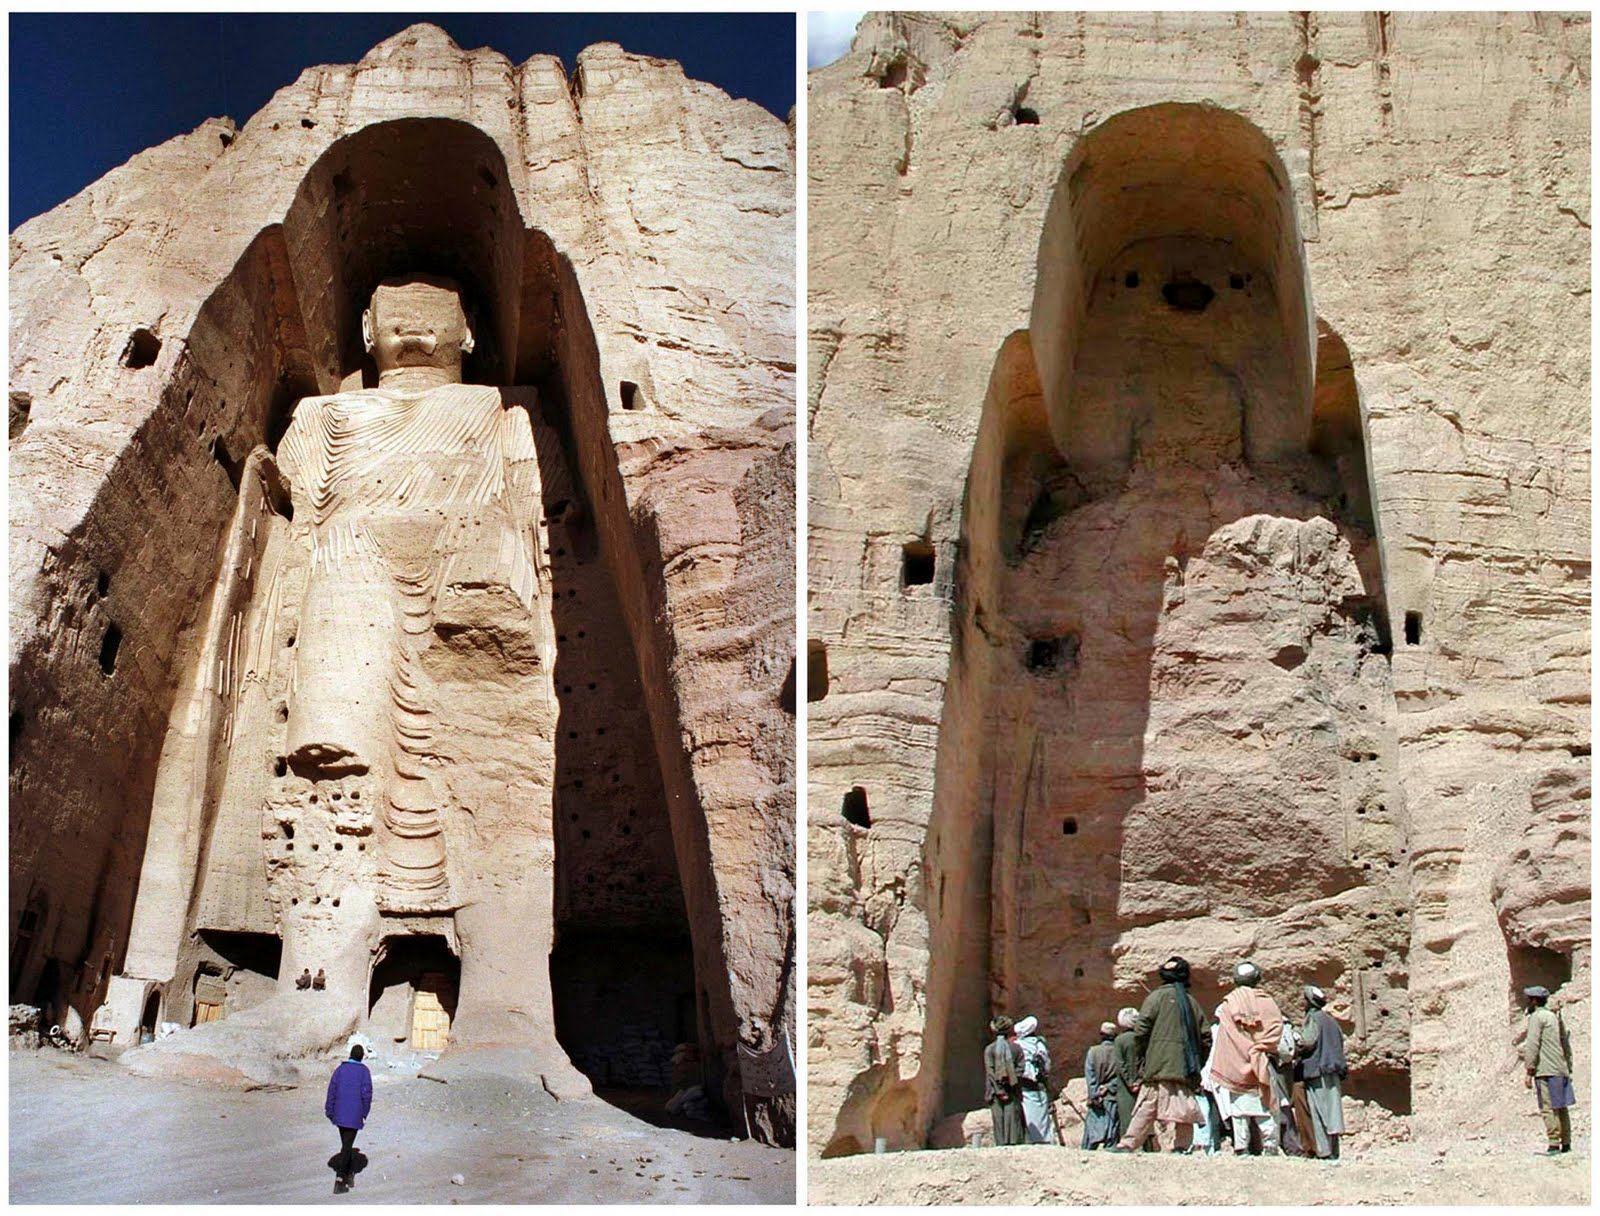 памятник будды в афганистане фото год юлианскому календарю